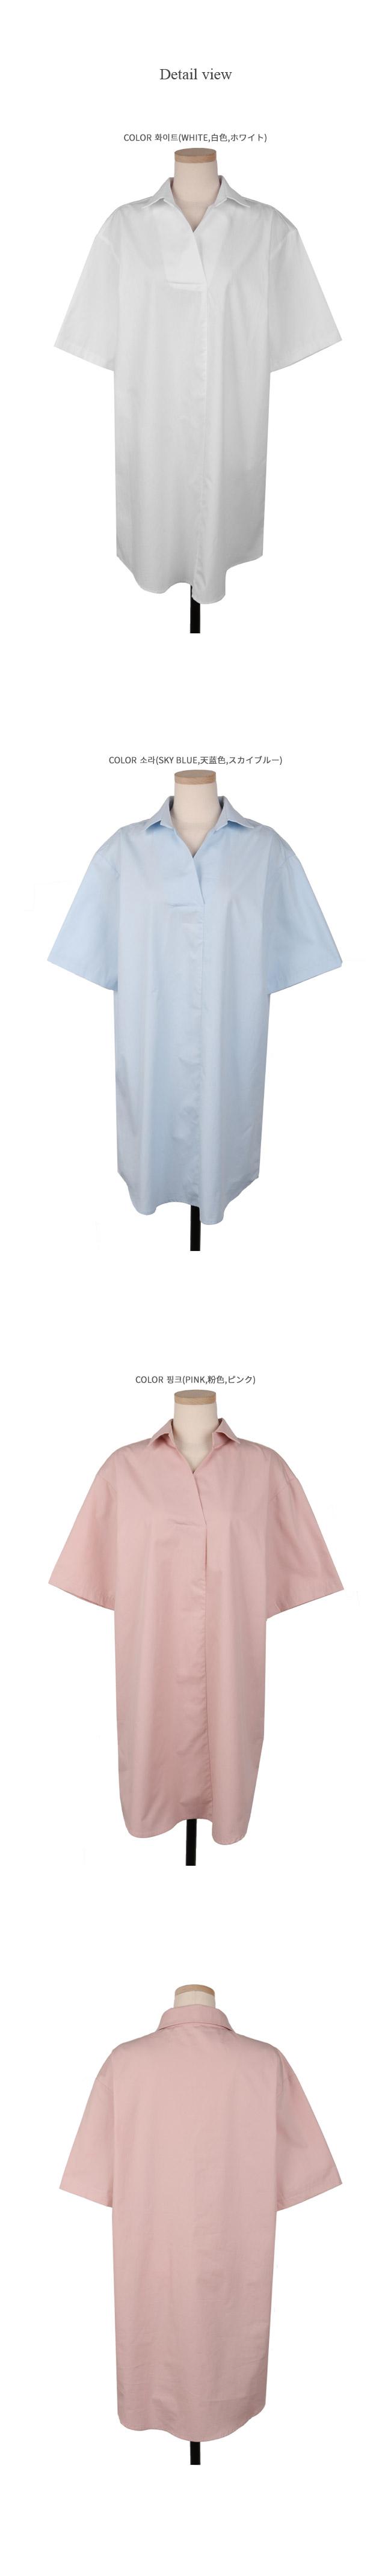 Dull shirt ops